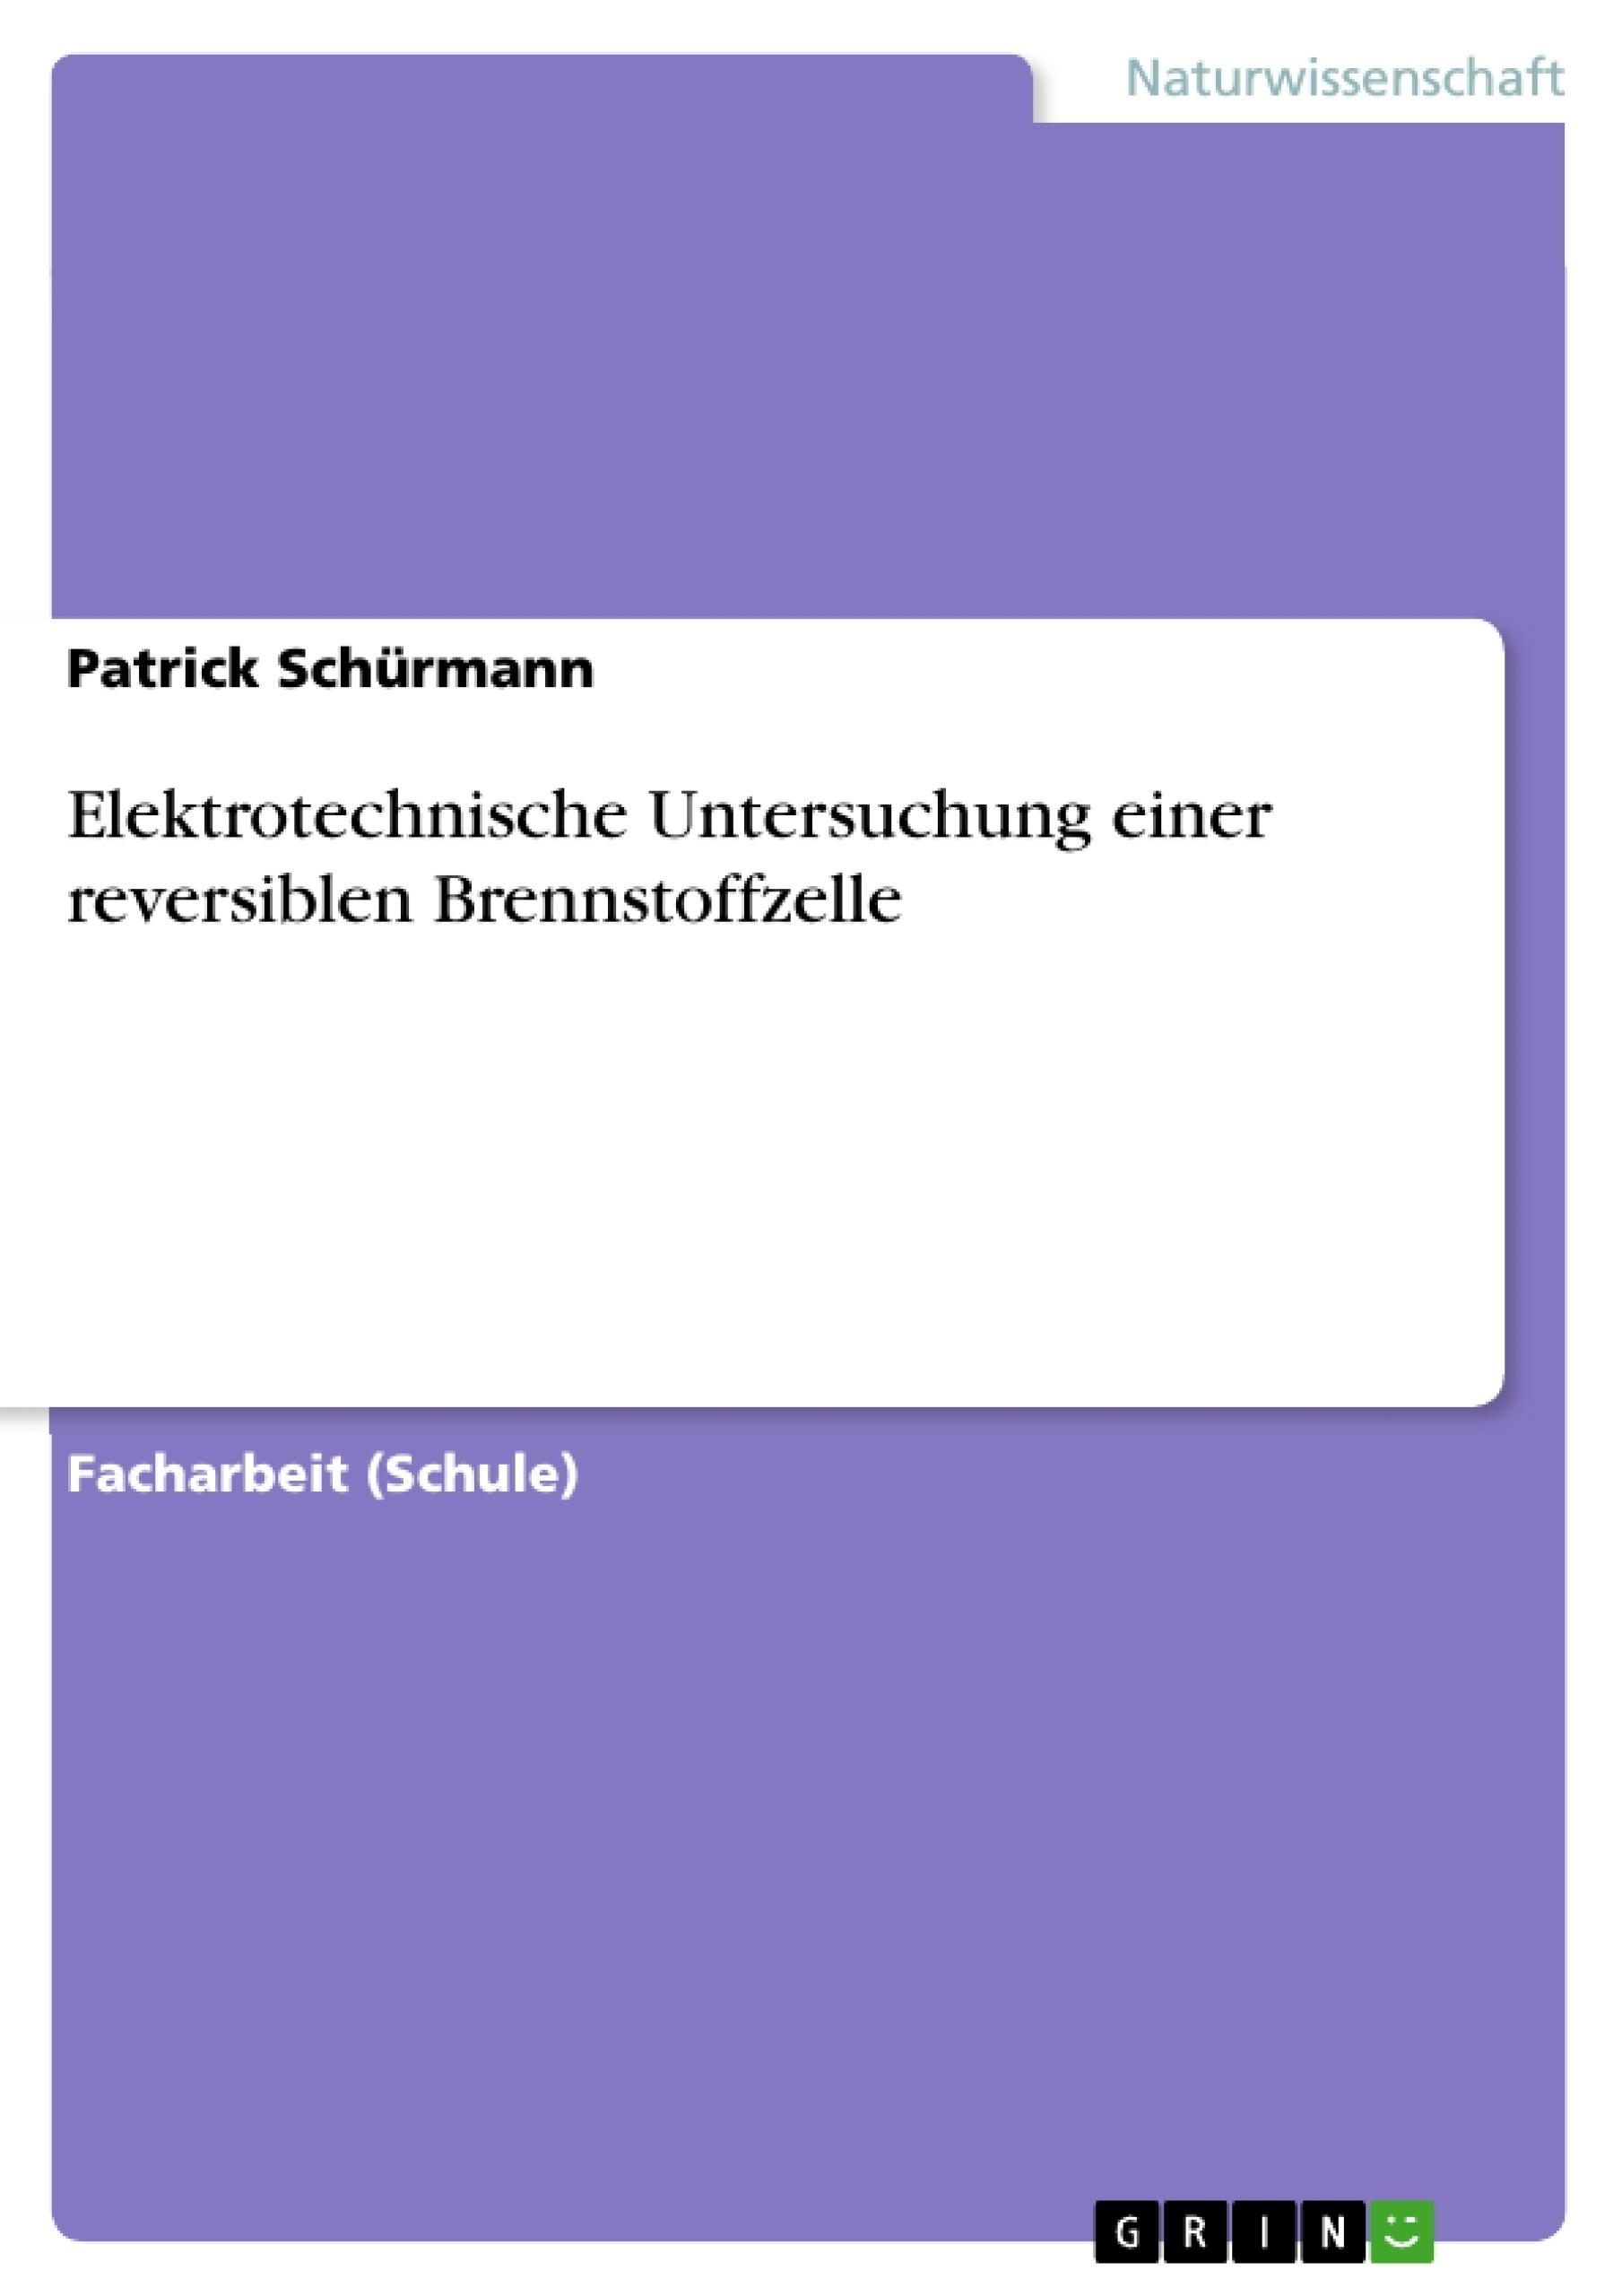 Titel: Elektrotechnische Untersuchung einer reversiblen Brennstoffzelle